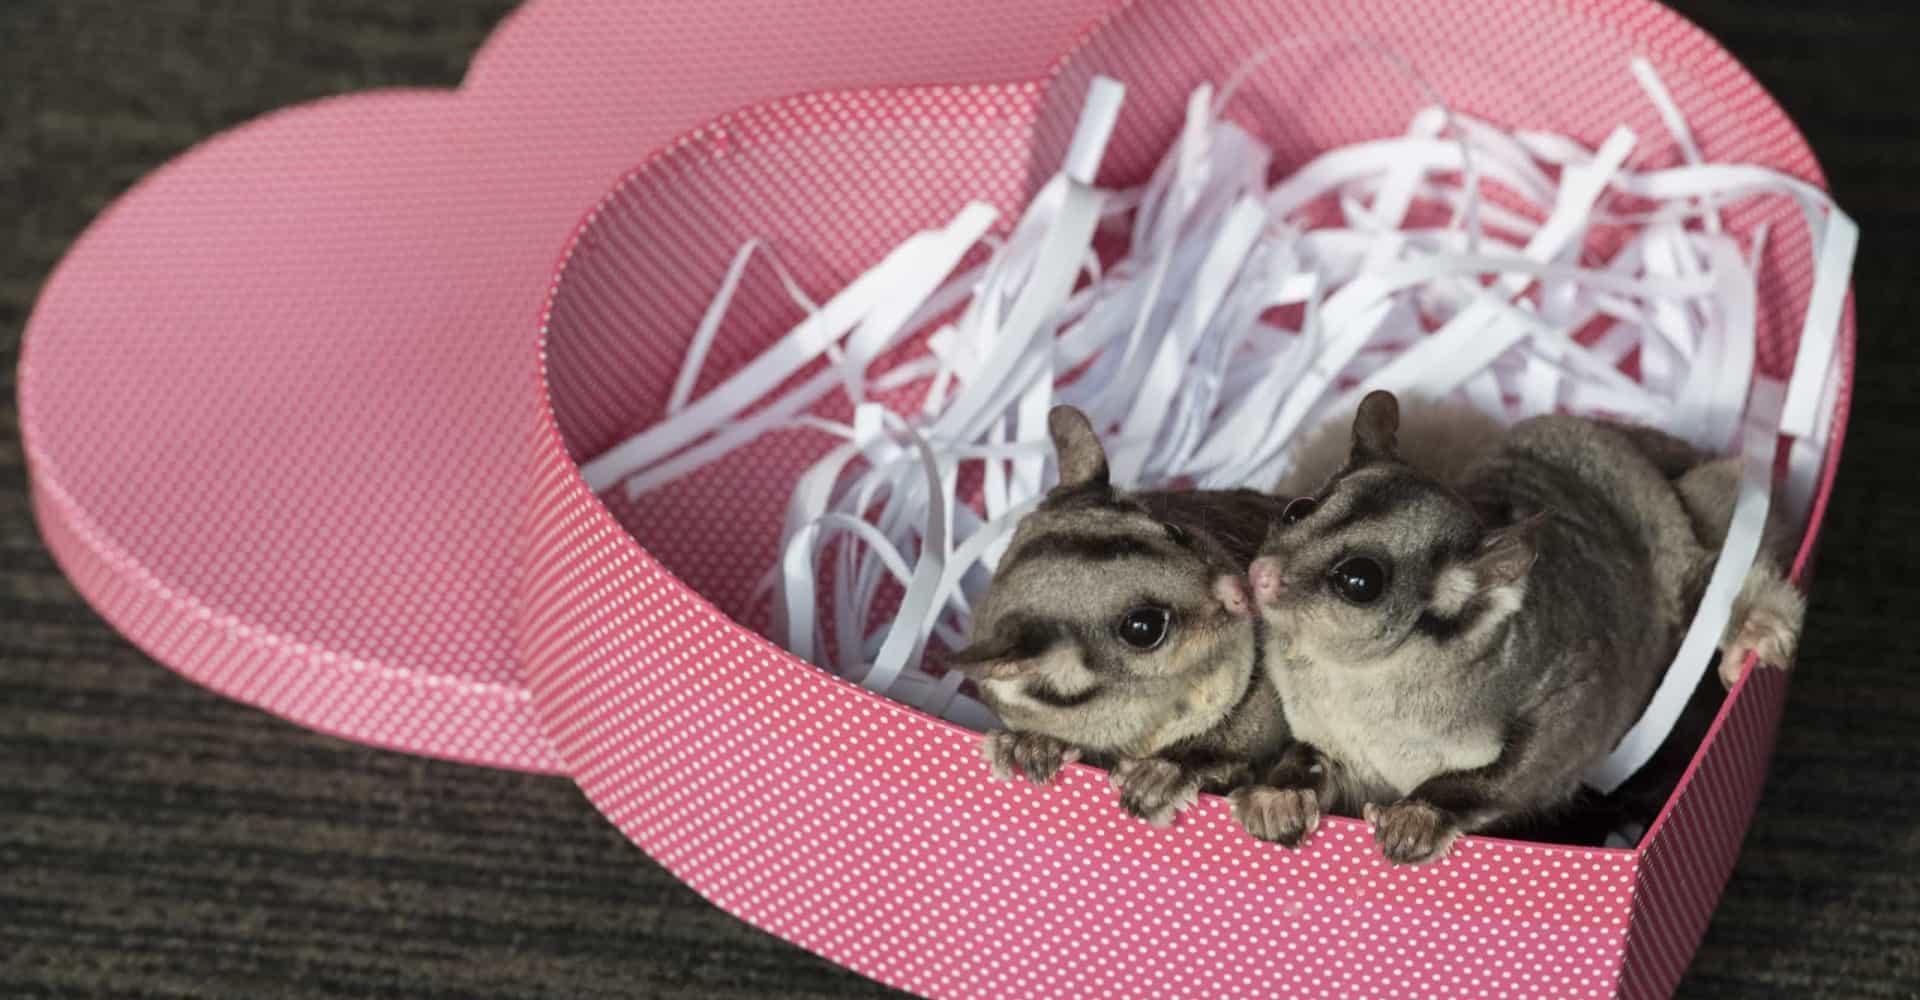 Des animaux mignons fêtent la Saint-Valentin